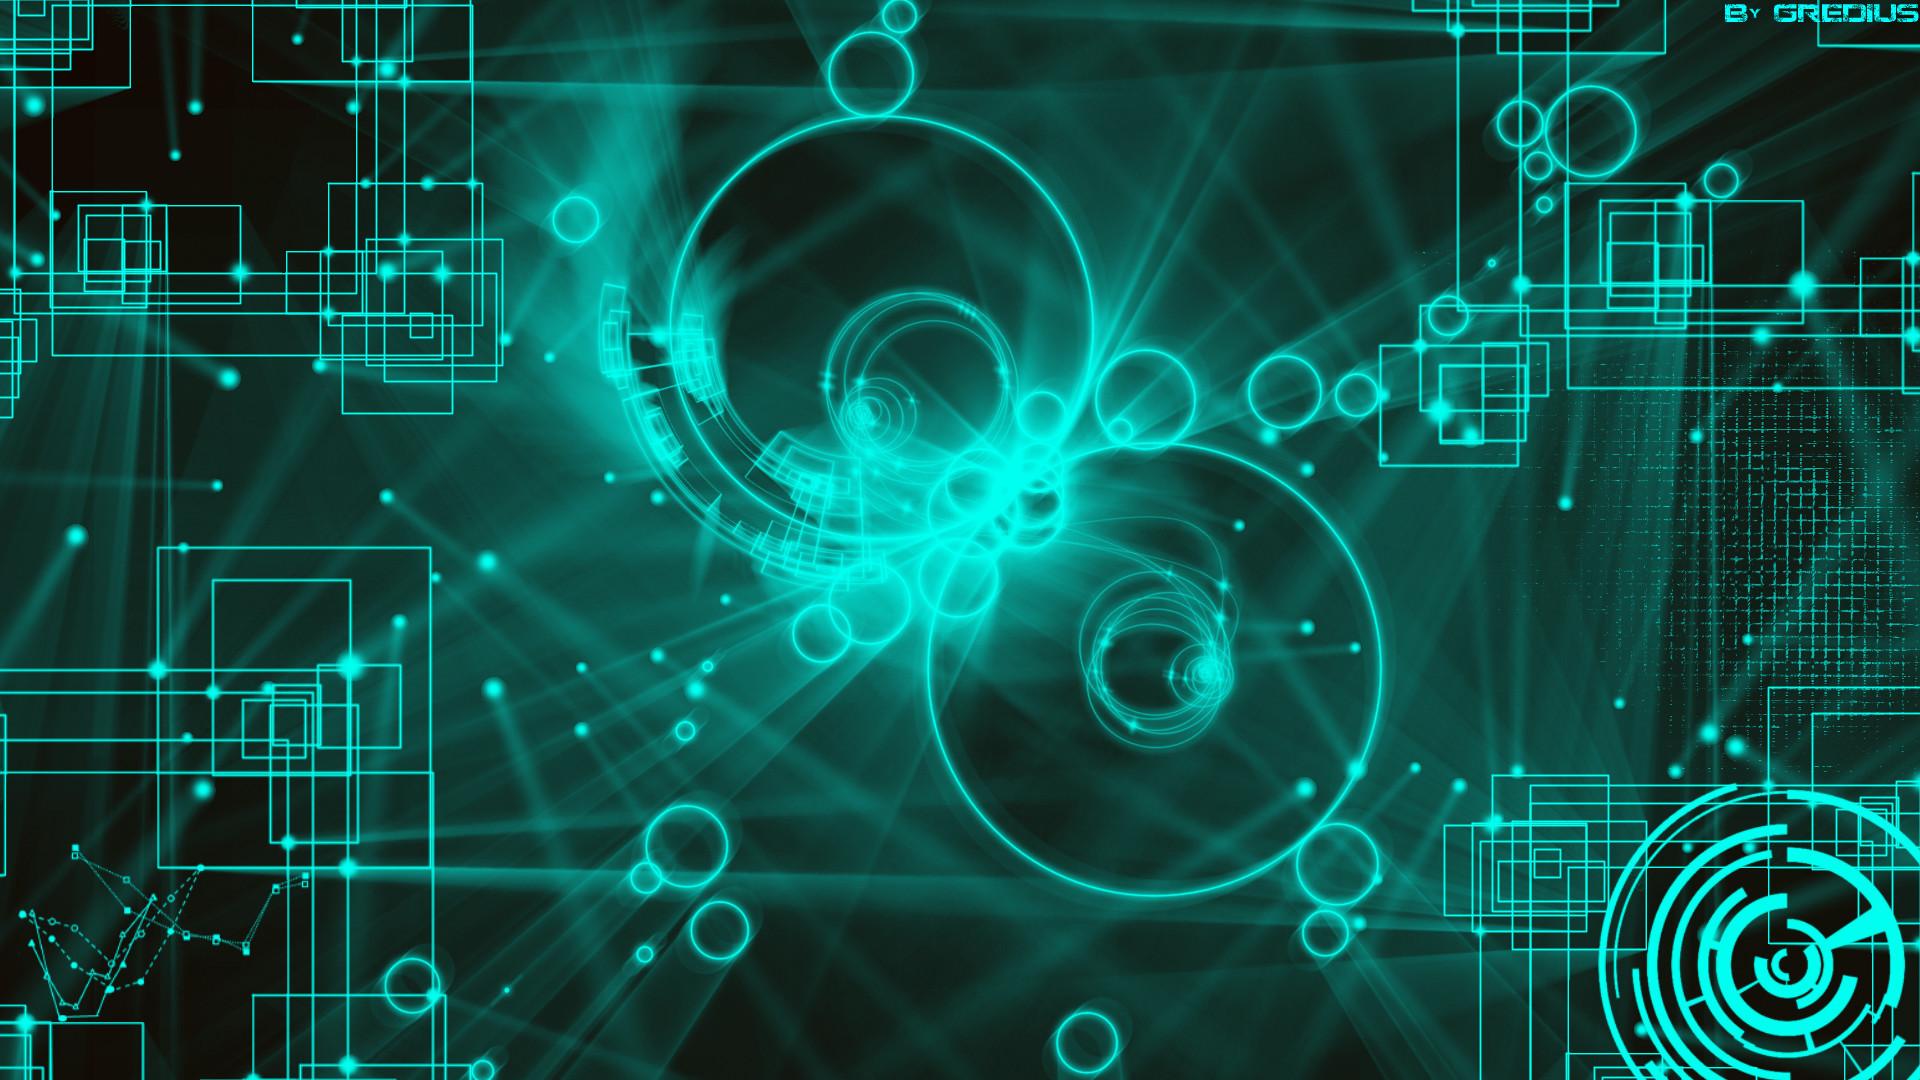 wallpaper | Techno Abstract Wallpaper HD High Definition Wallpaper,  Widescreen .